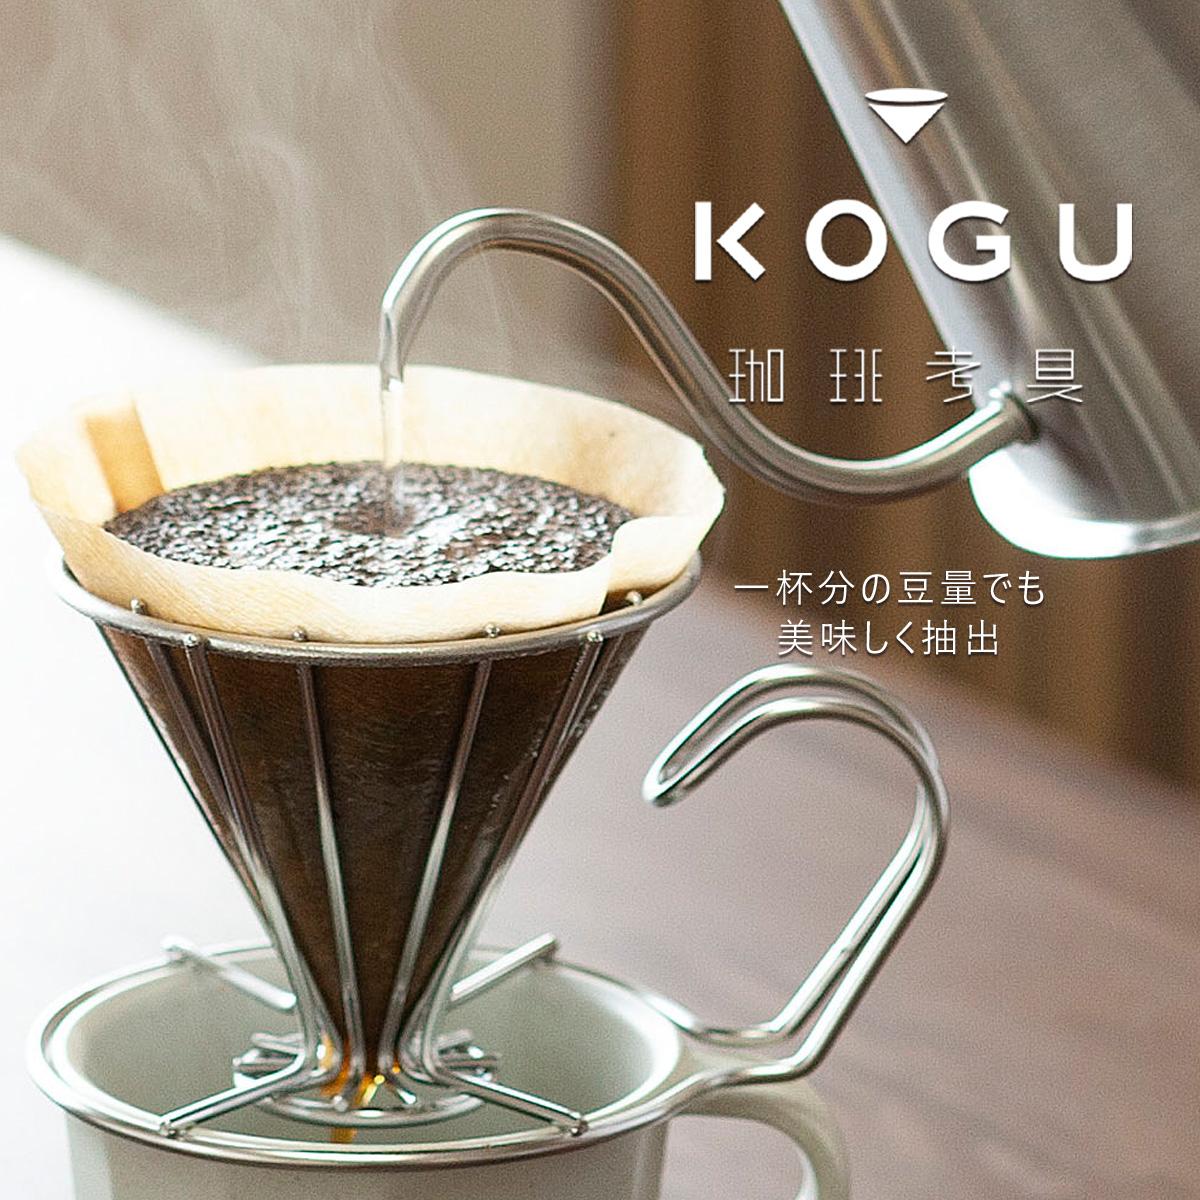 道具 コーヒー ハンド ドリップ ハンドドリップに必要な器具|定番メーカーの人気アイテムもご紹介